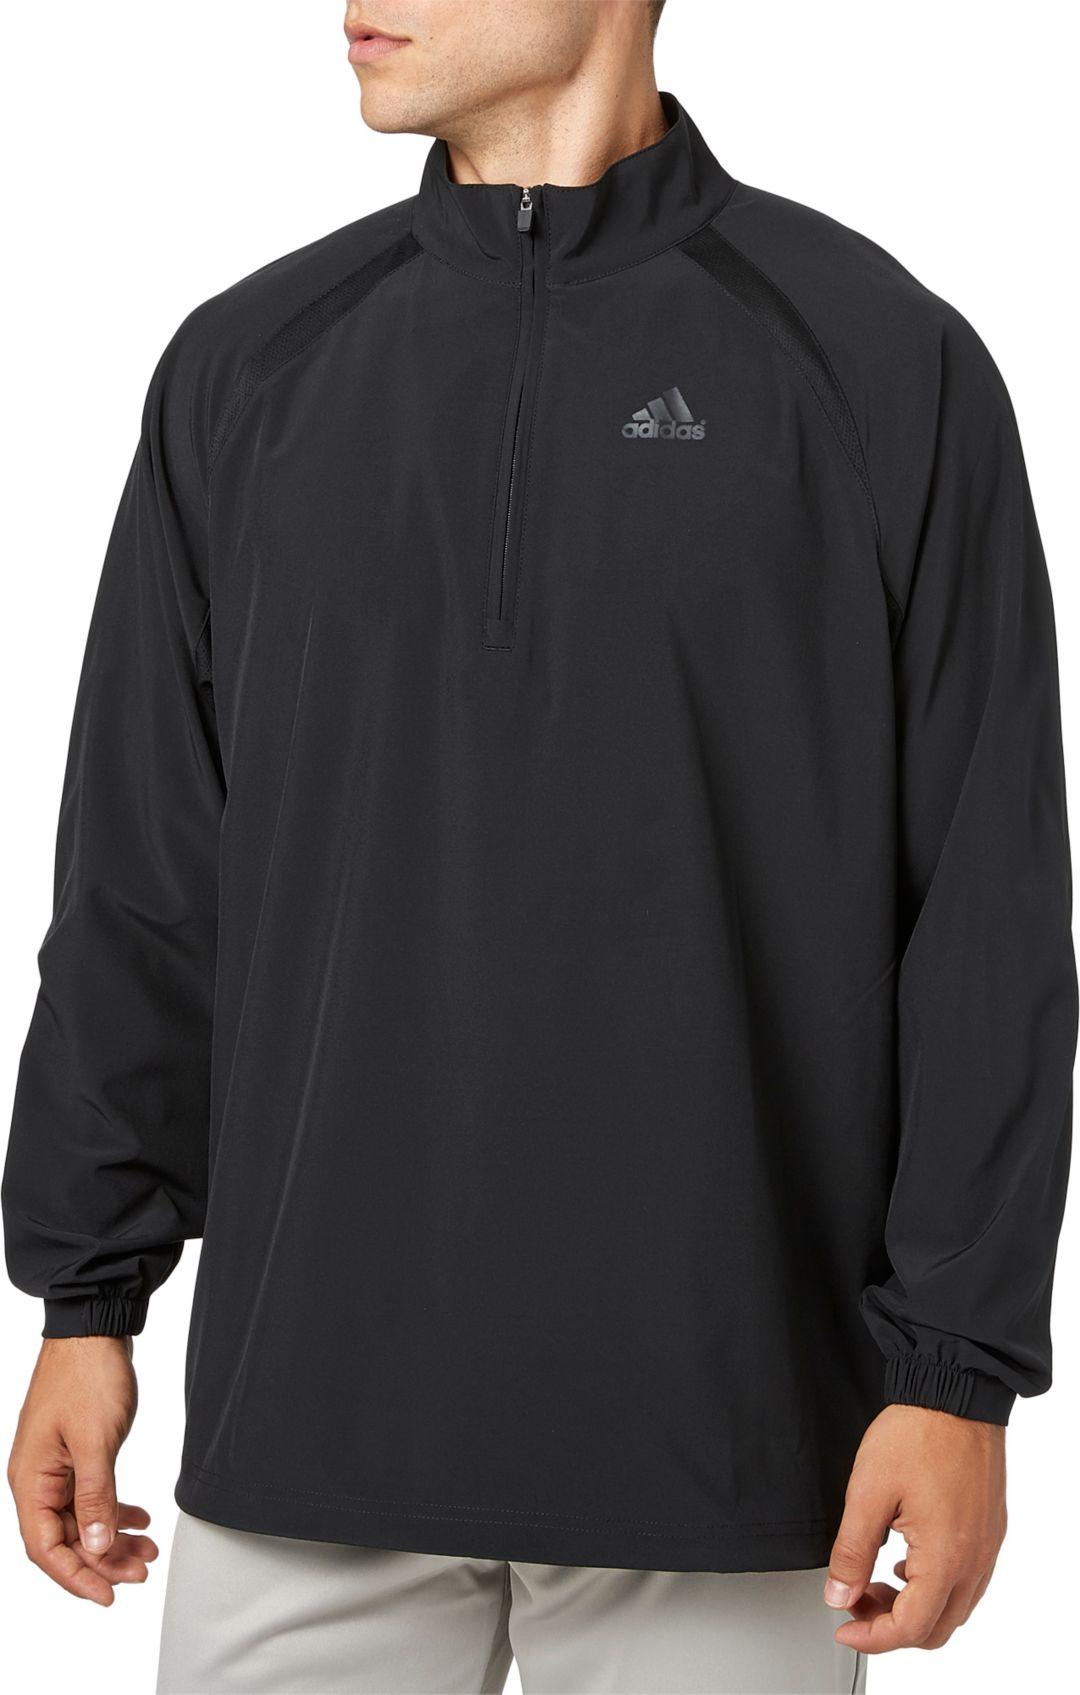 9a17e0a736a5 adidas Men s Triple Stripe Long Sleeve Baseball Jacket 1